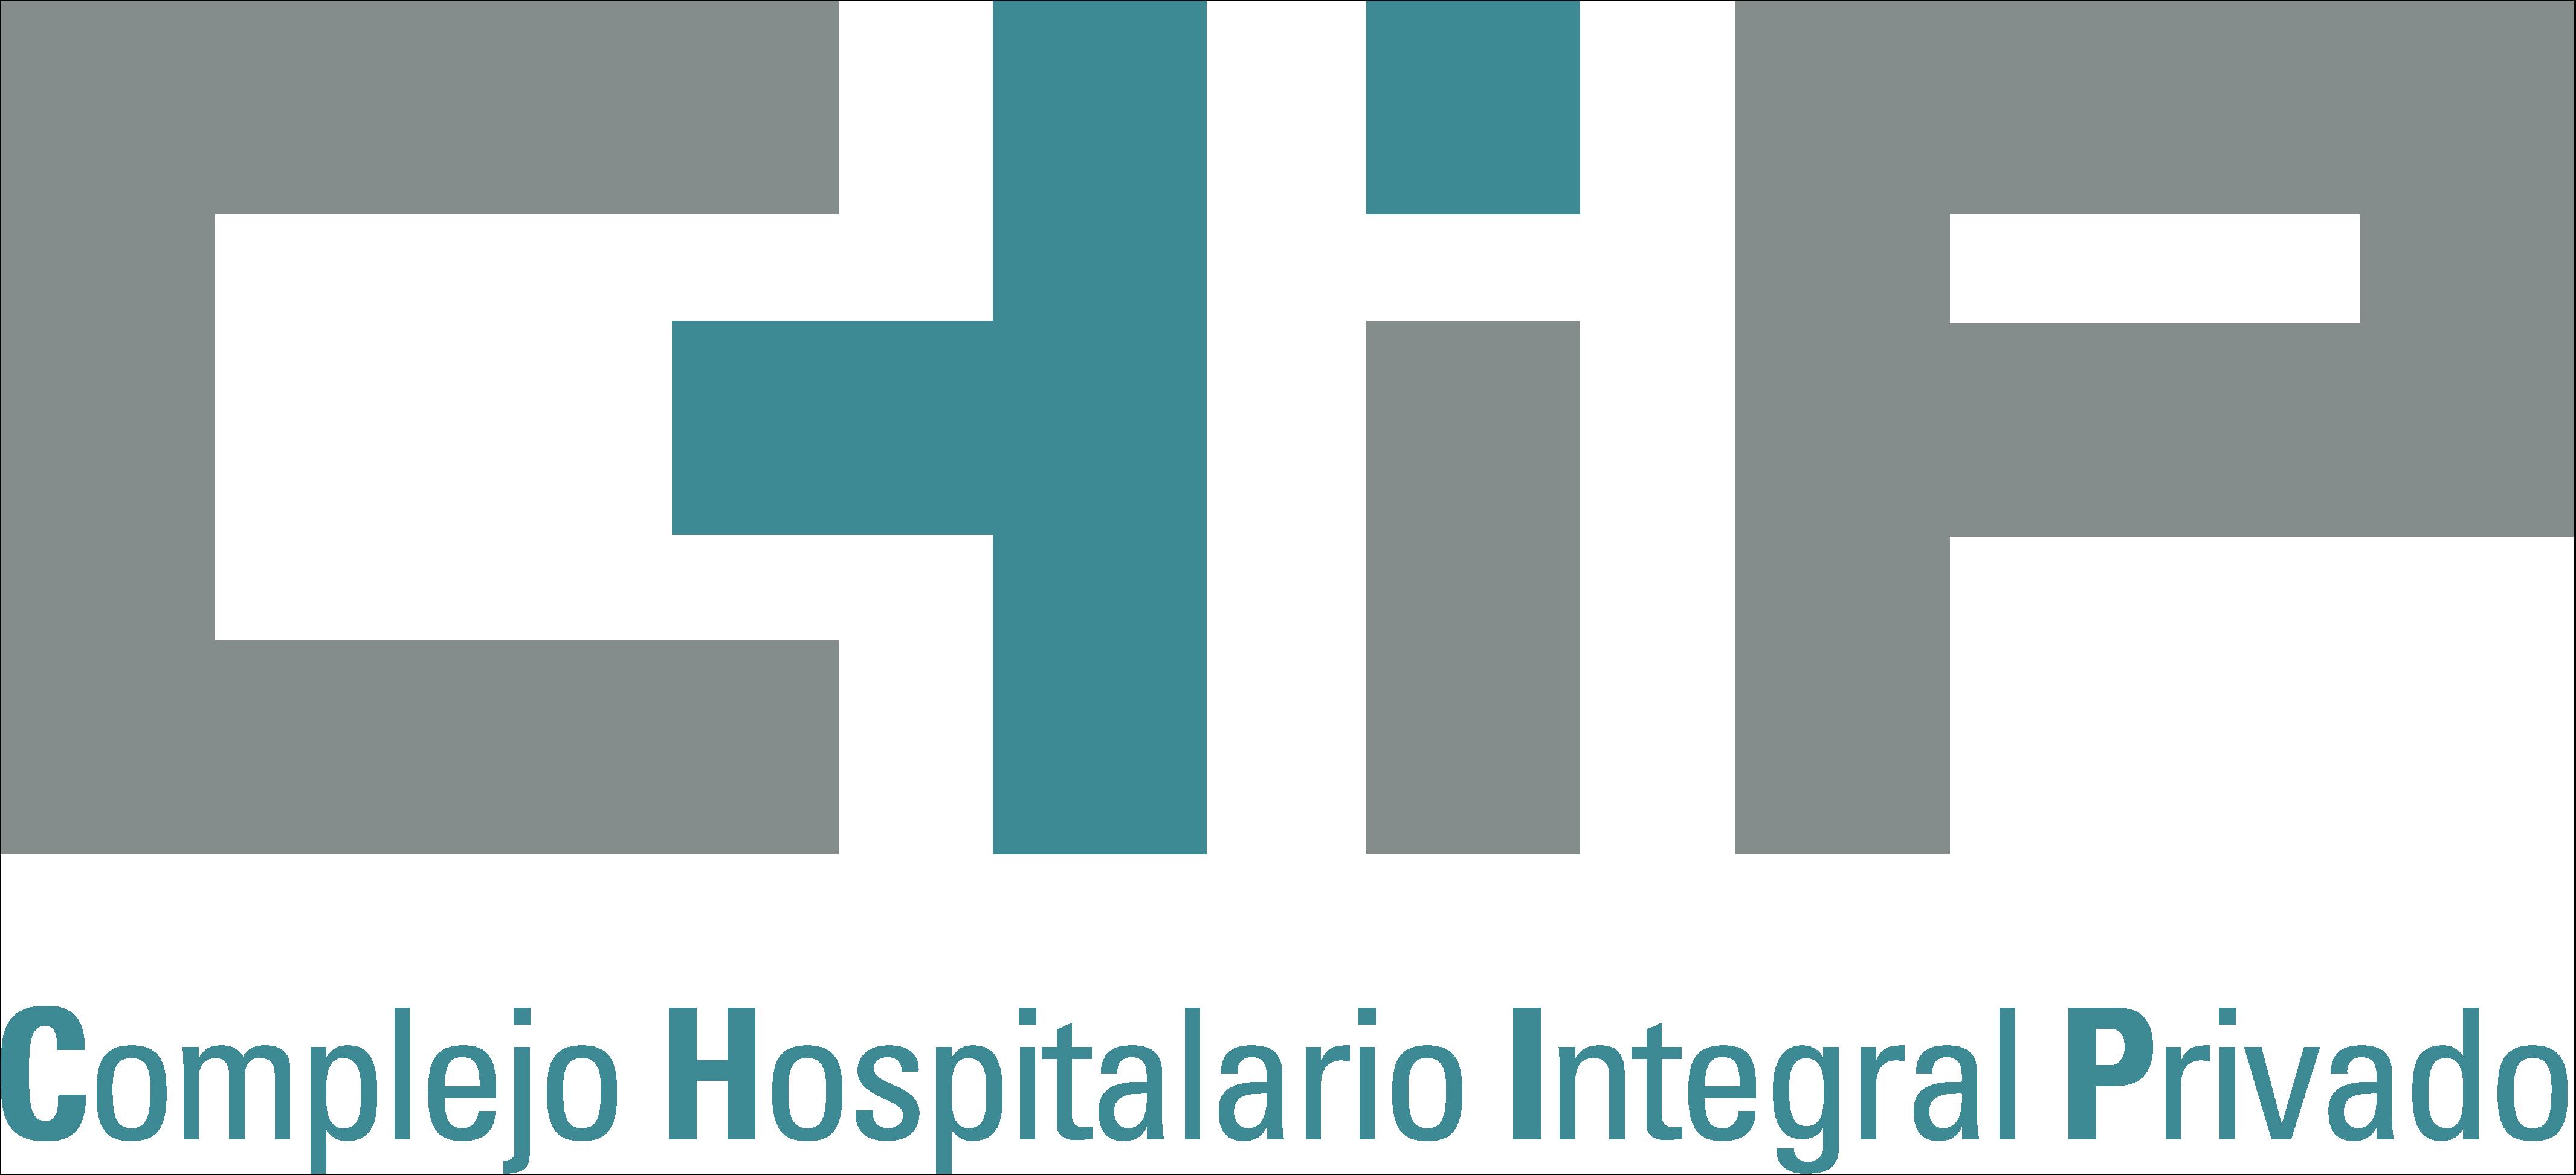 logo centro hospitalario integral privado